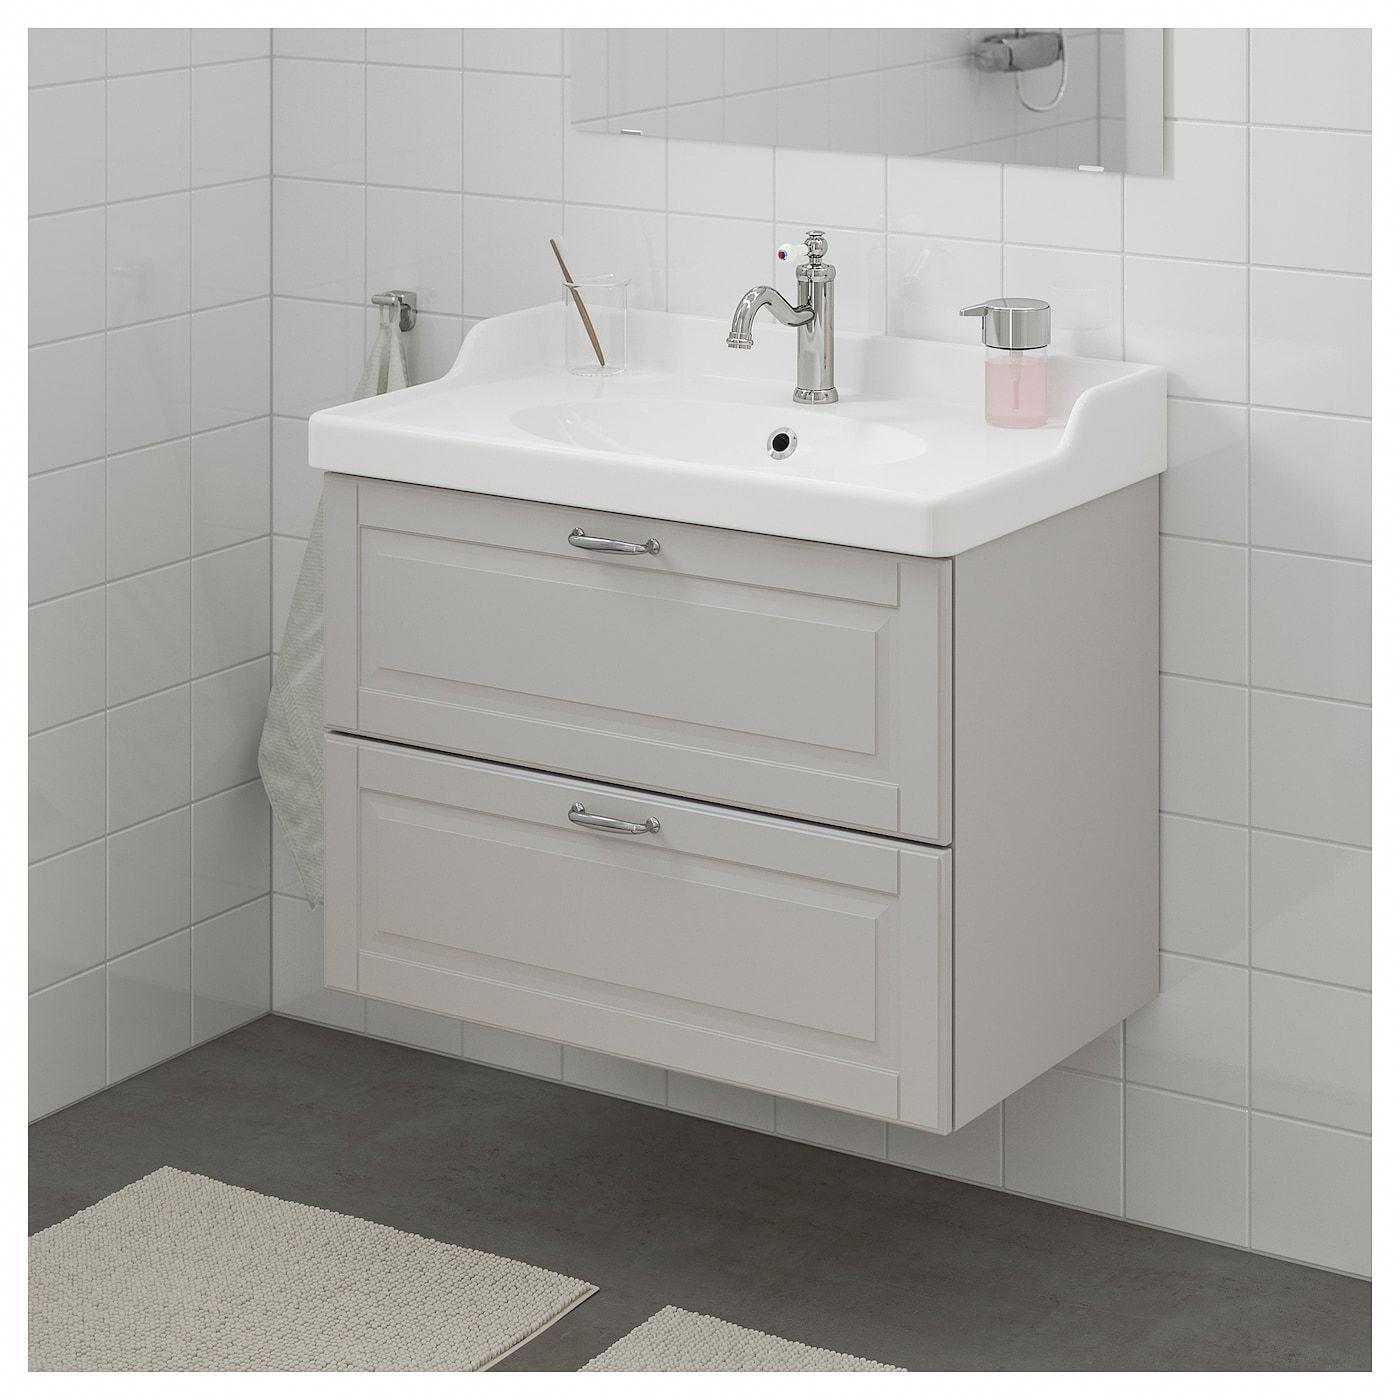 Ikea Godmorgon Rattviken Bathroom Vanity Kasjon Light Gray Ikeabathroom Ikea Godmorgon Bathroom Vanity Sink Cabinet